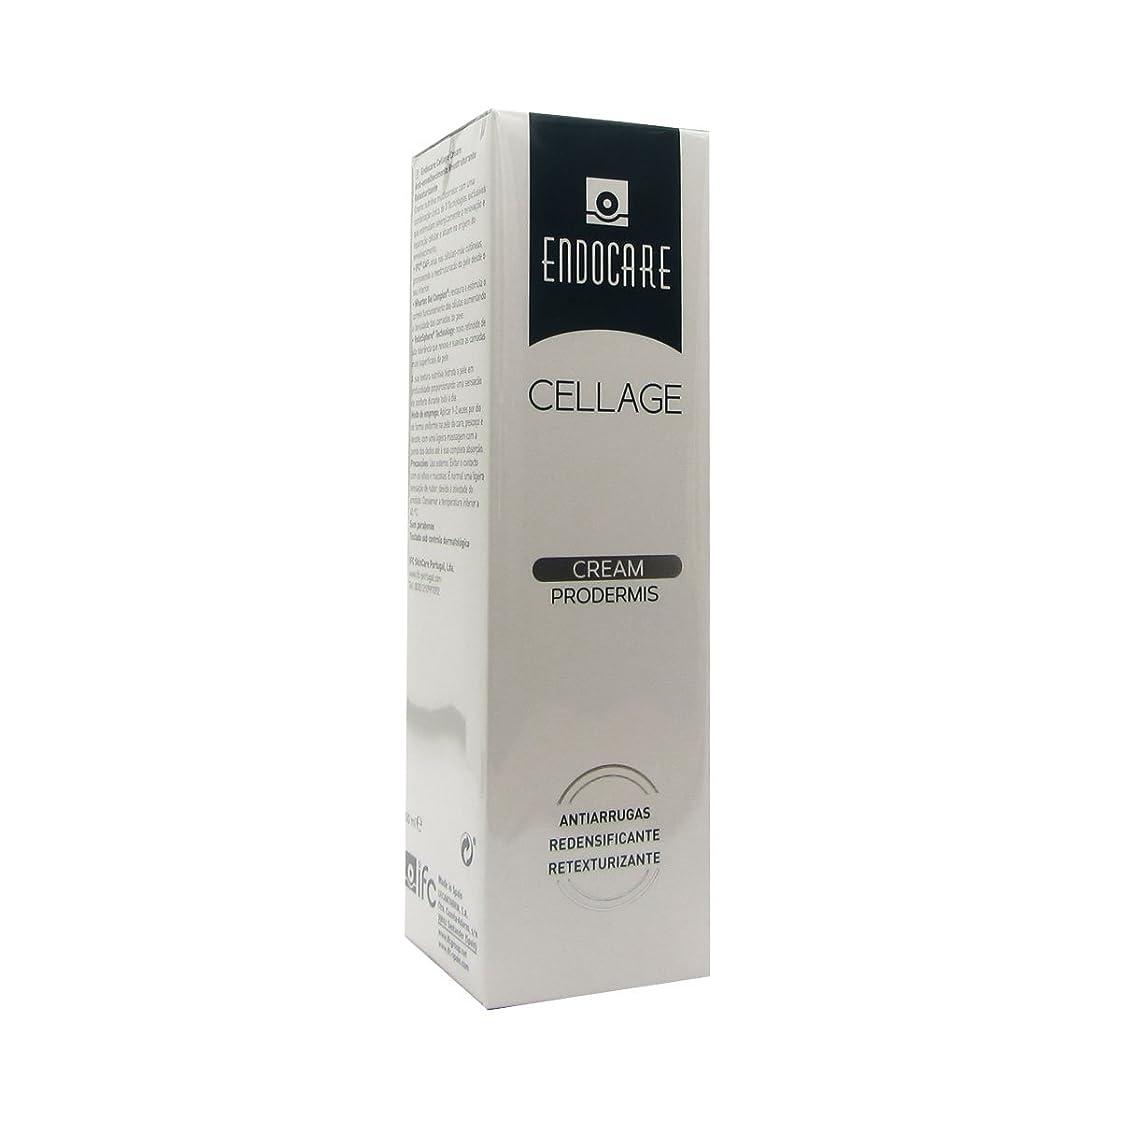 地下鉄瀬戸際気づくEndocare Cellage Cream 50ml [並行輸入品]